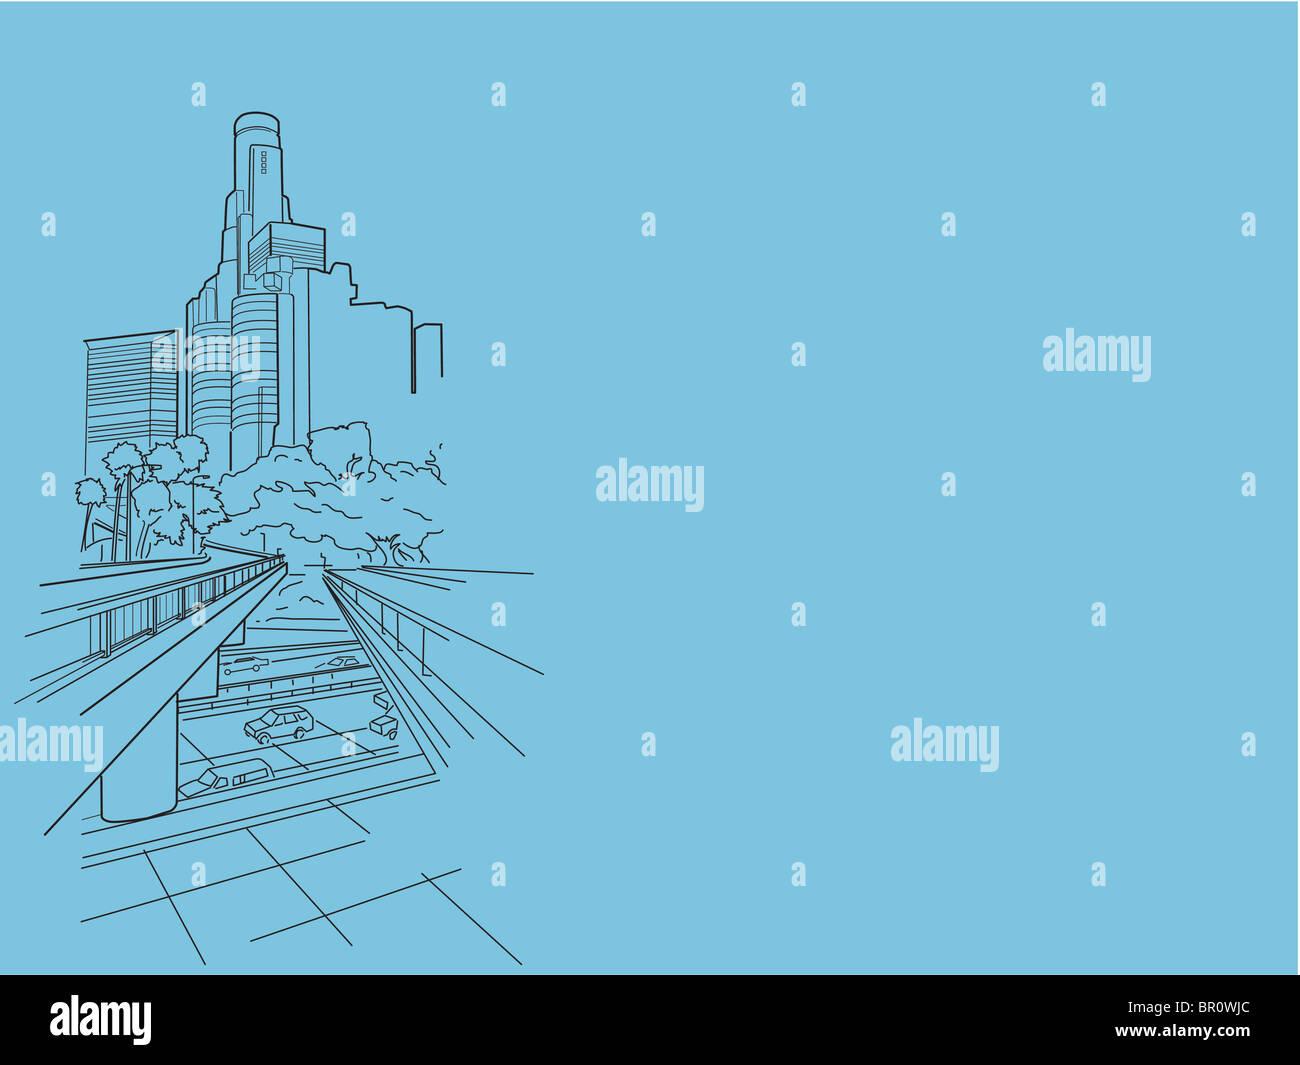 Una ilustración de un ajetreado centro Imagen De Stock